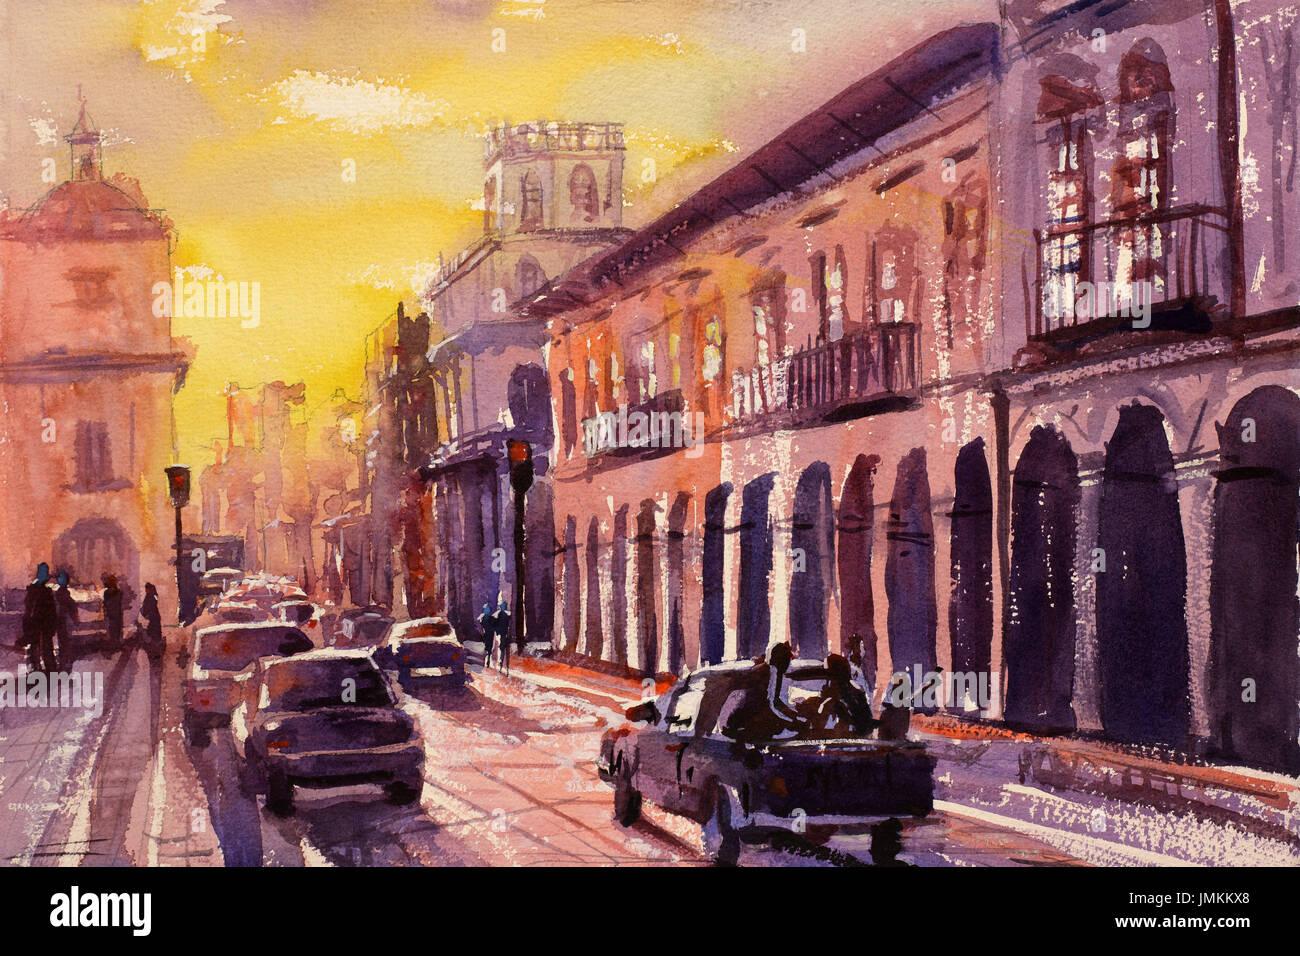 L'aquarelle de buidlings coloniale dans le patrimoine mondial de l'Unesco ville de Cuenca (Equateur) au coucher du soleil. Cuenca Equateur art peinture Photo Stock